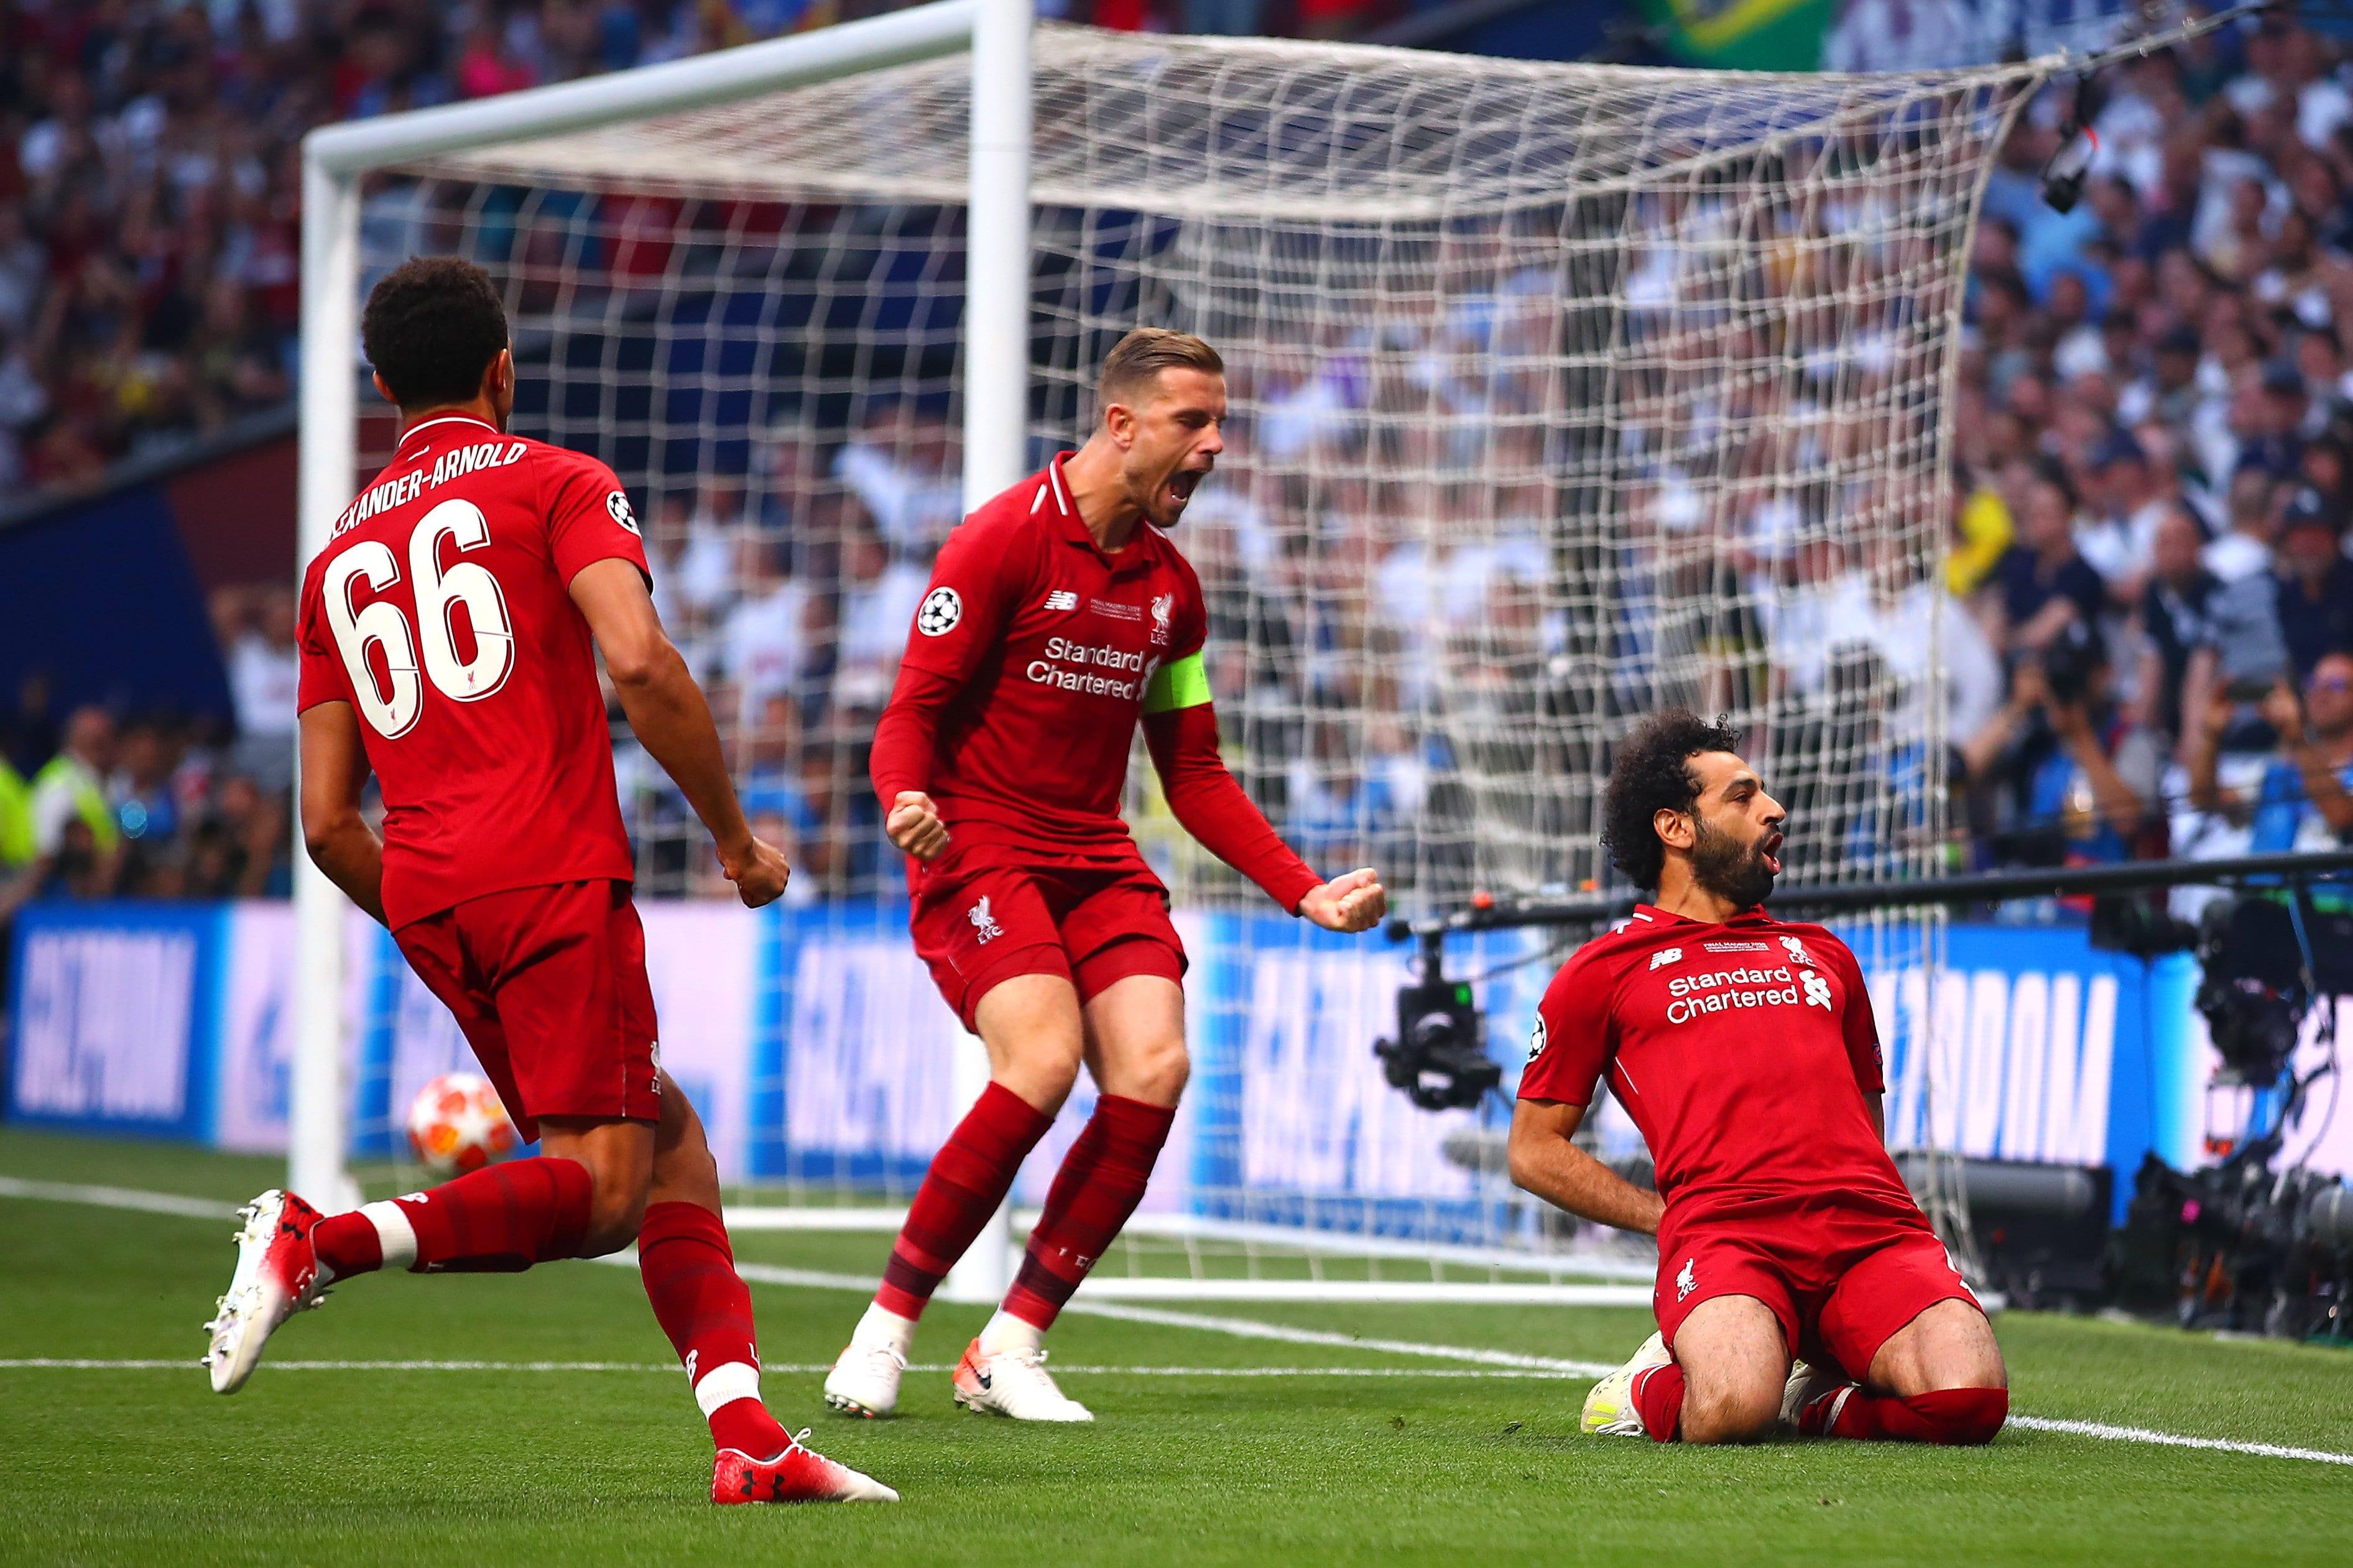 Maior artilheiro da Champions League